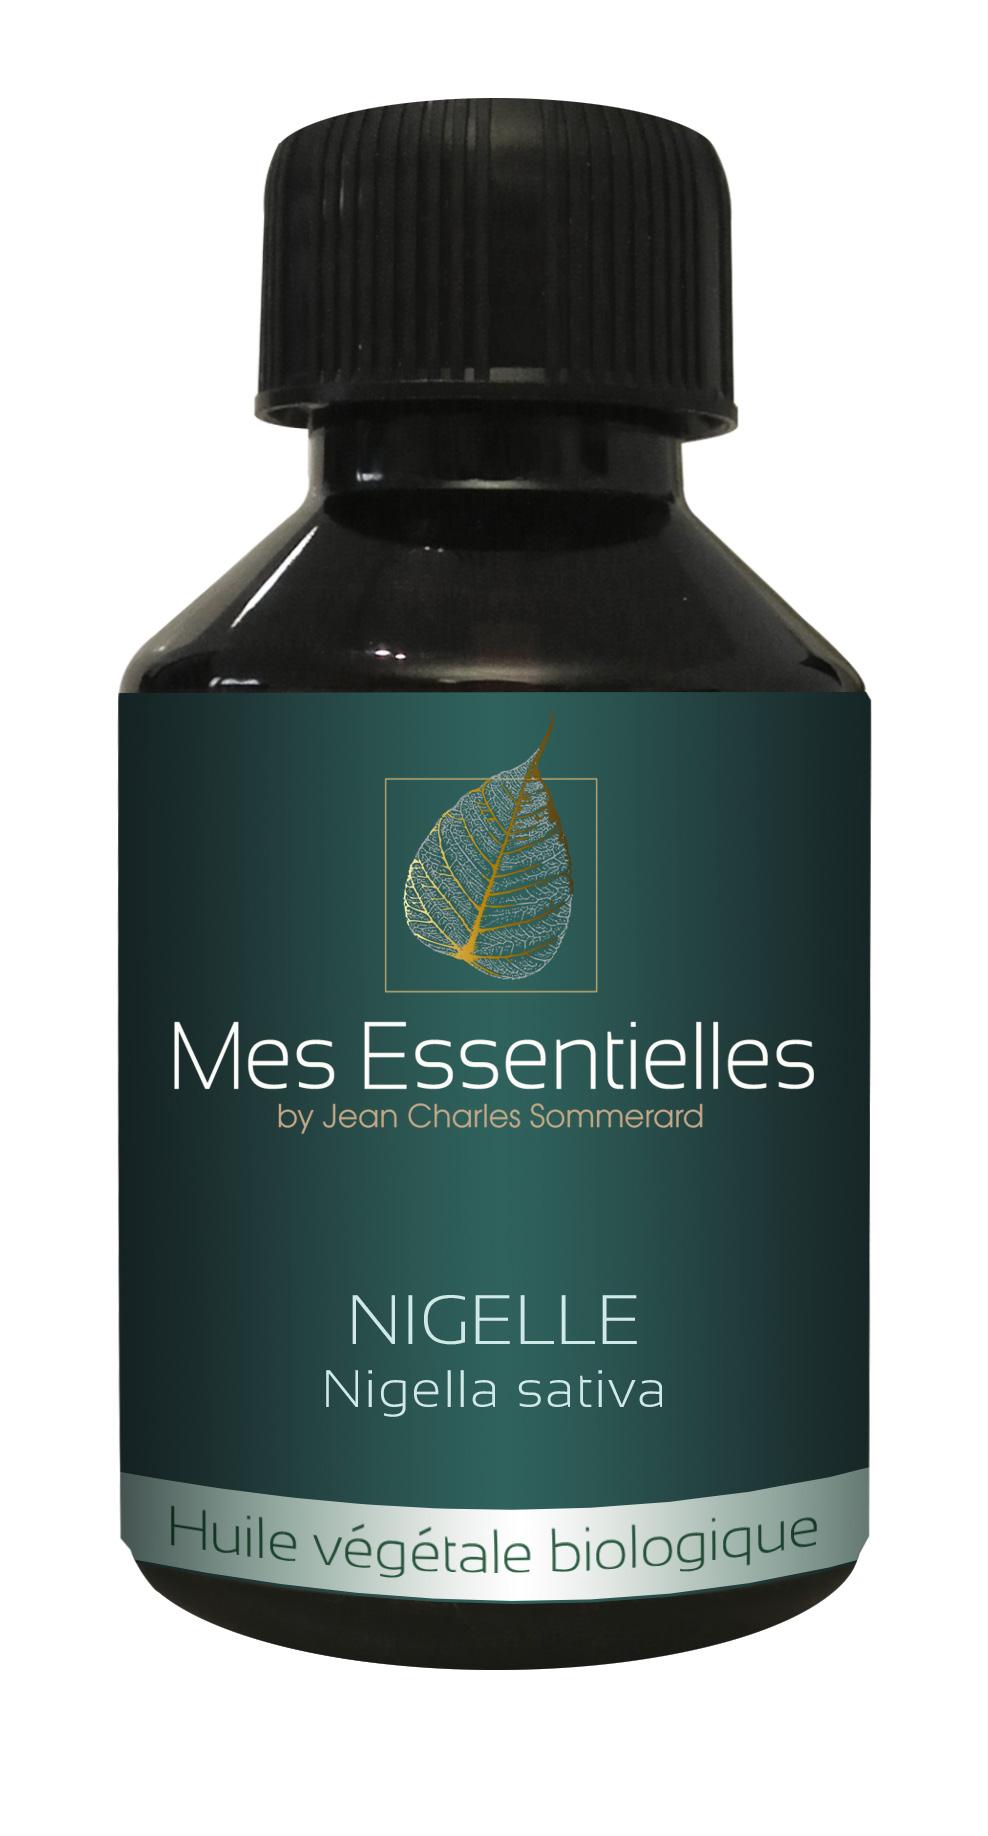 Sevessence - Huile végétale biologique de Nigelle